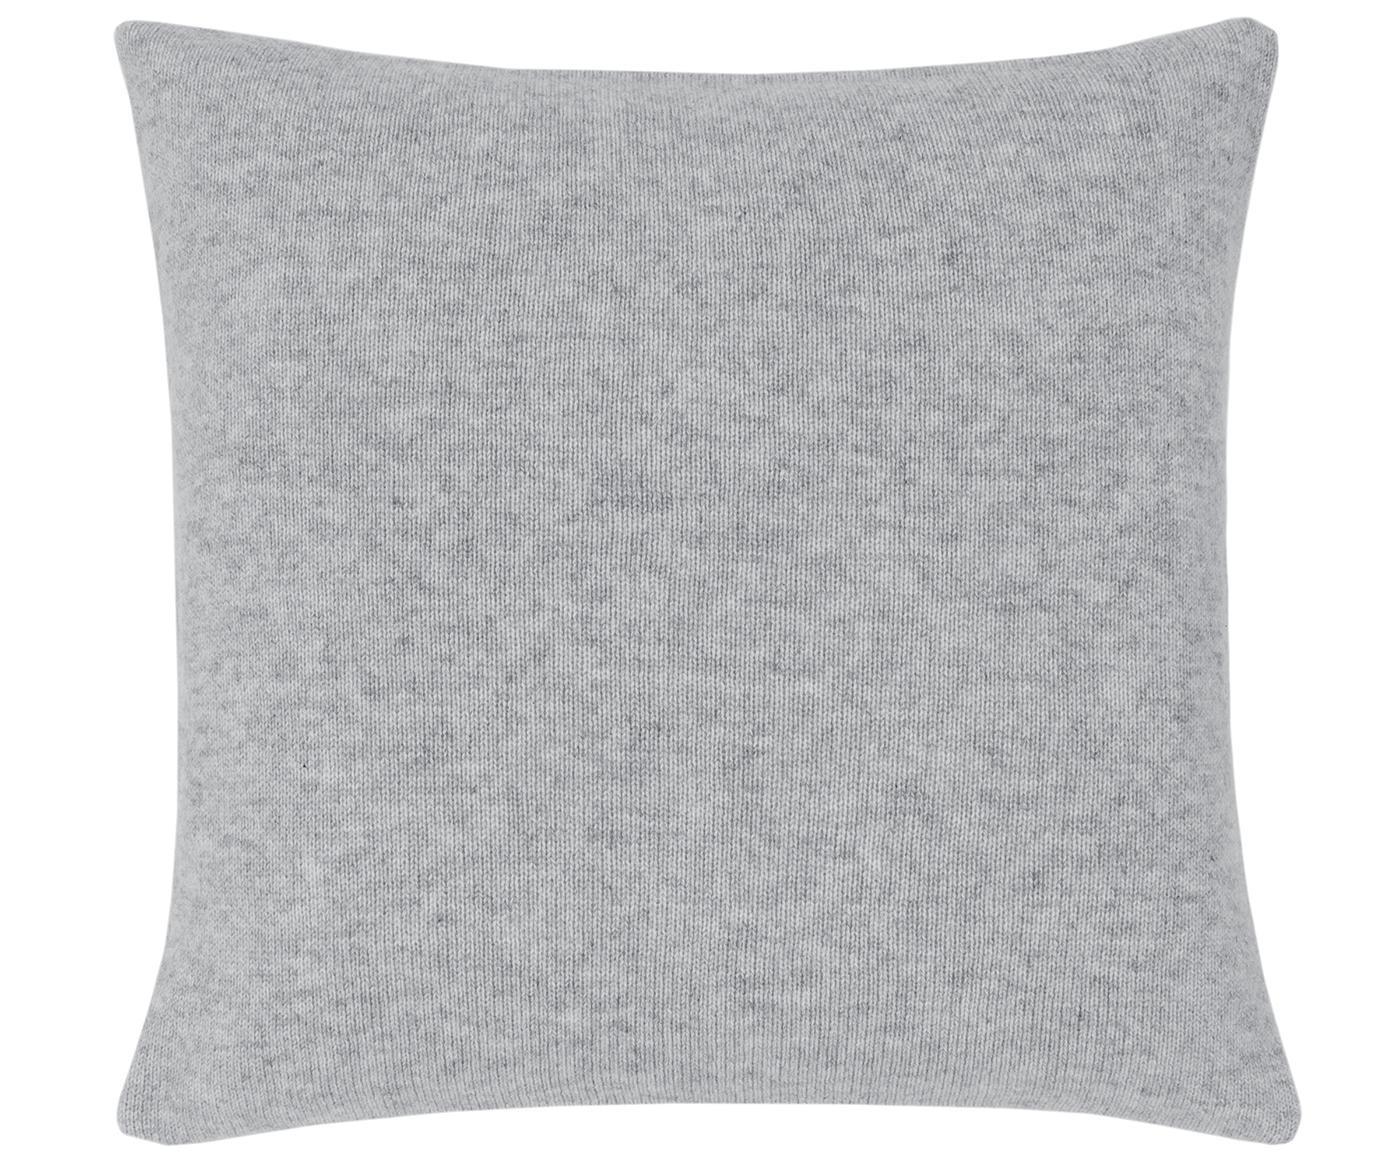 Federa arredo in maglia fine di cashmere Viviana, 70% cashmere, 30% lana merino, Grigio chiaro, Larg. 40 x Lung. 40 cm